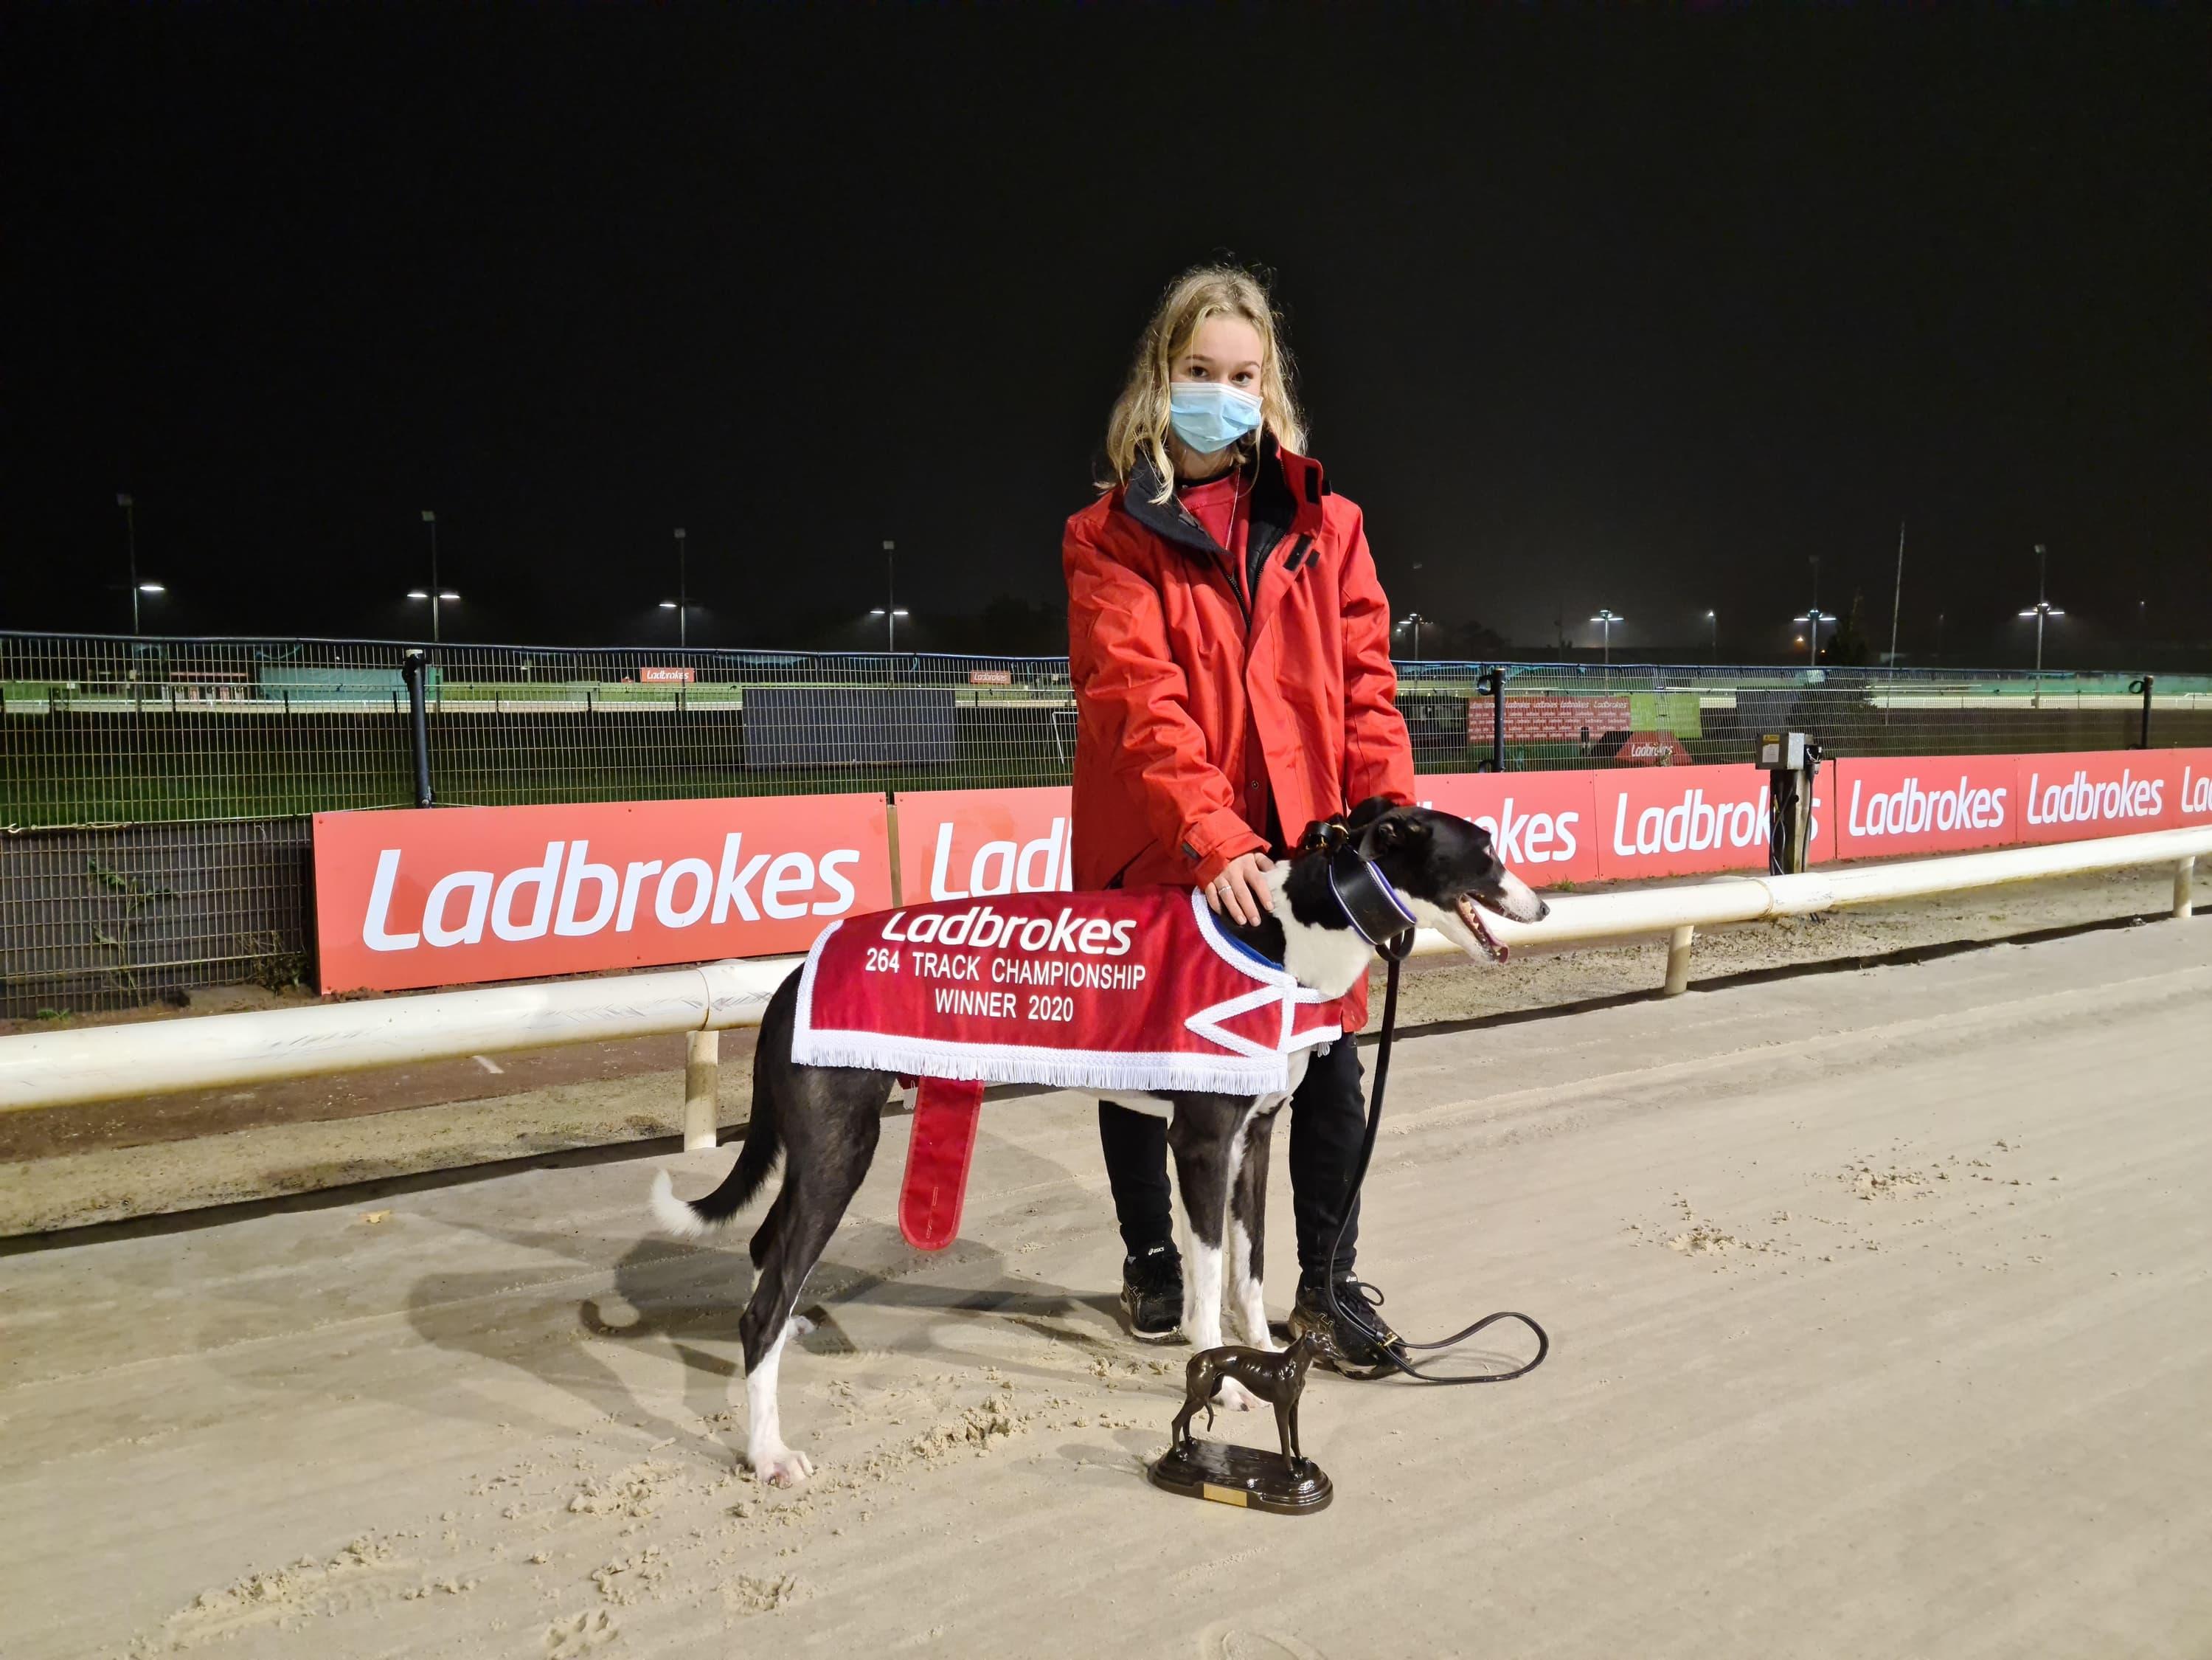 Ladbrokes Track Championship 264m Winner